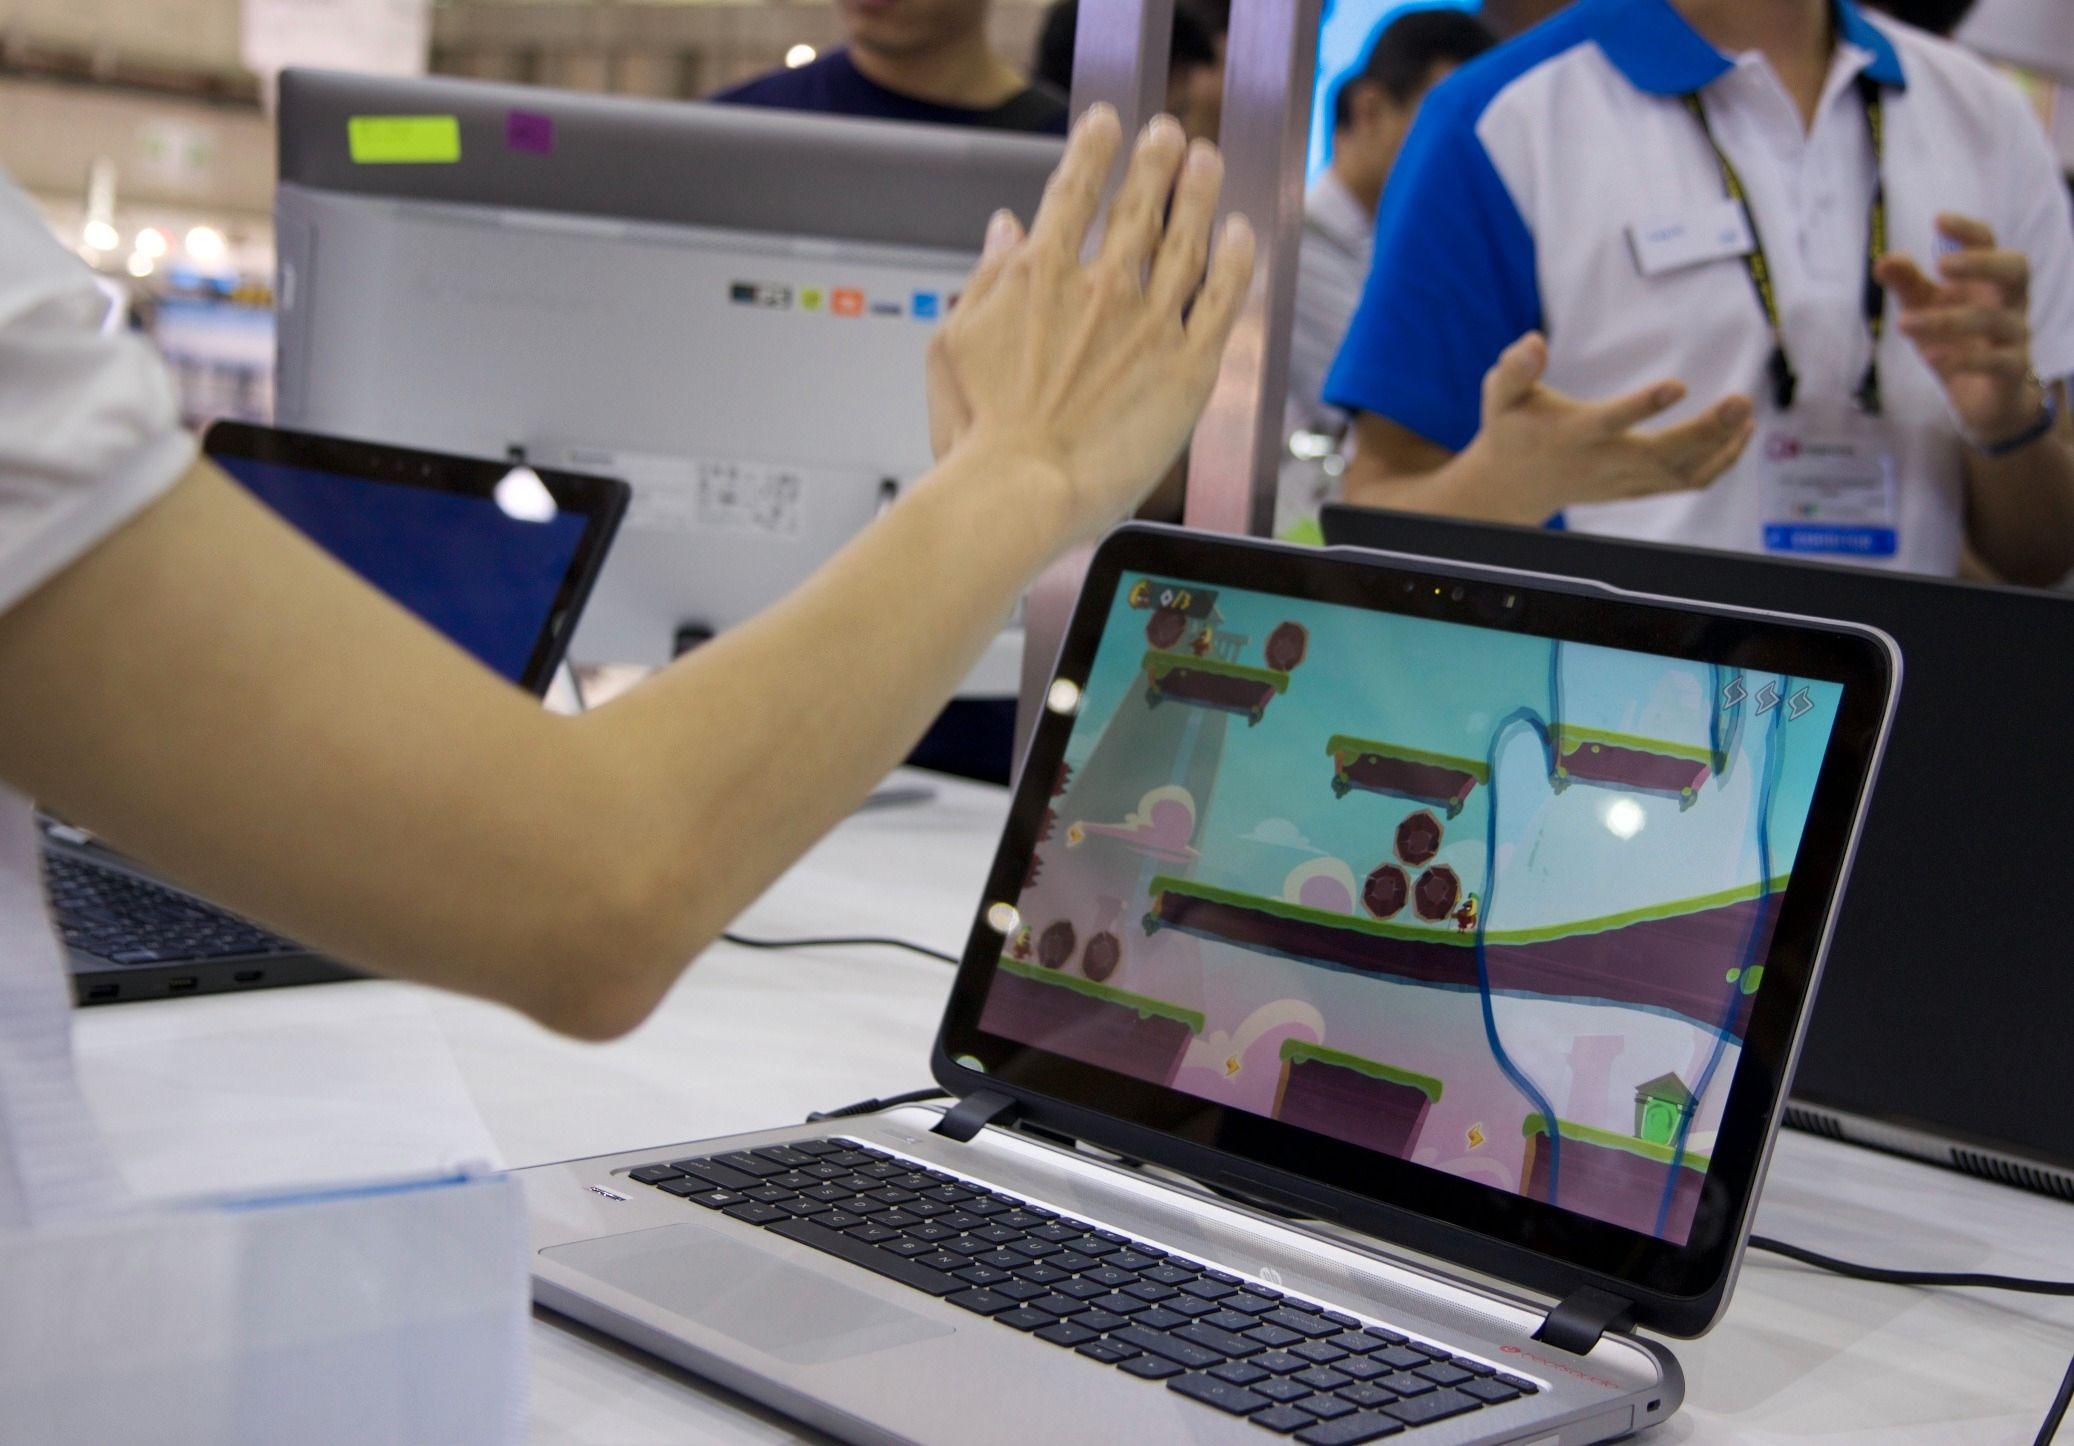 RealSense-kameraet i en PC kan brukes til alt fra spill til å få sikker pålogging med ansiktsgjenkjenning. Foto: Kurt Lekanger, Tek.no